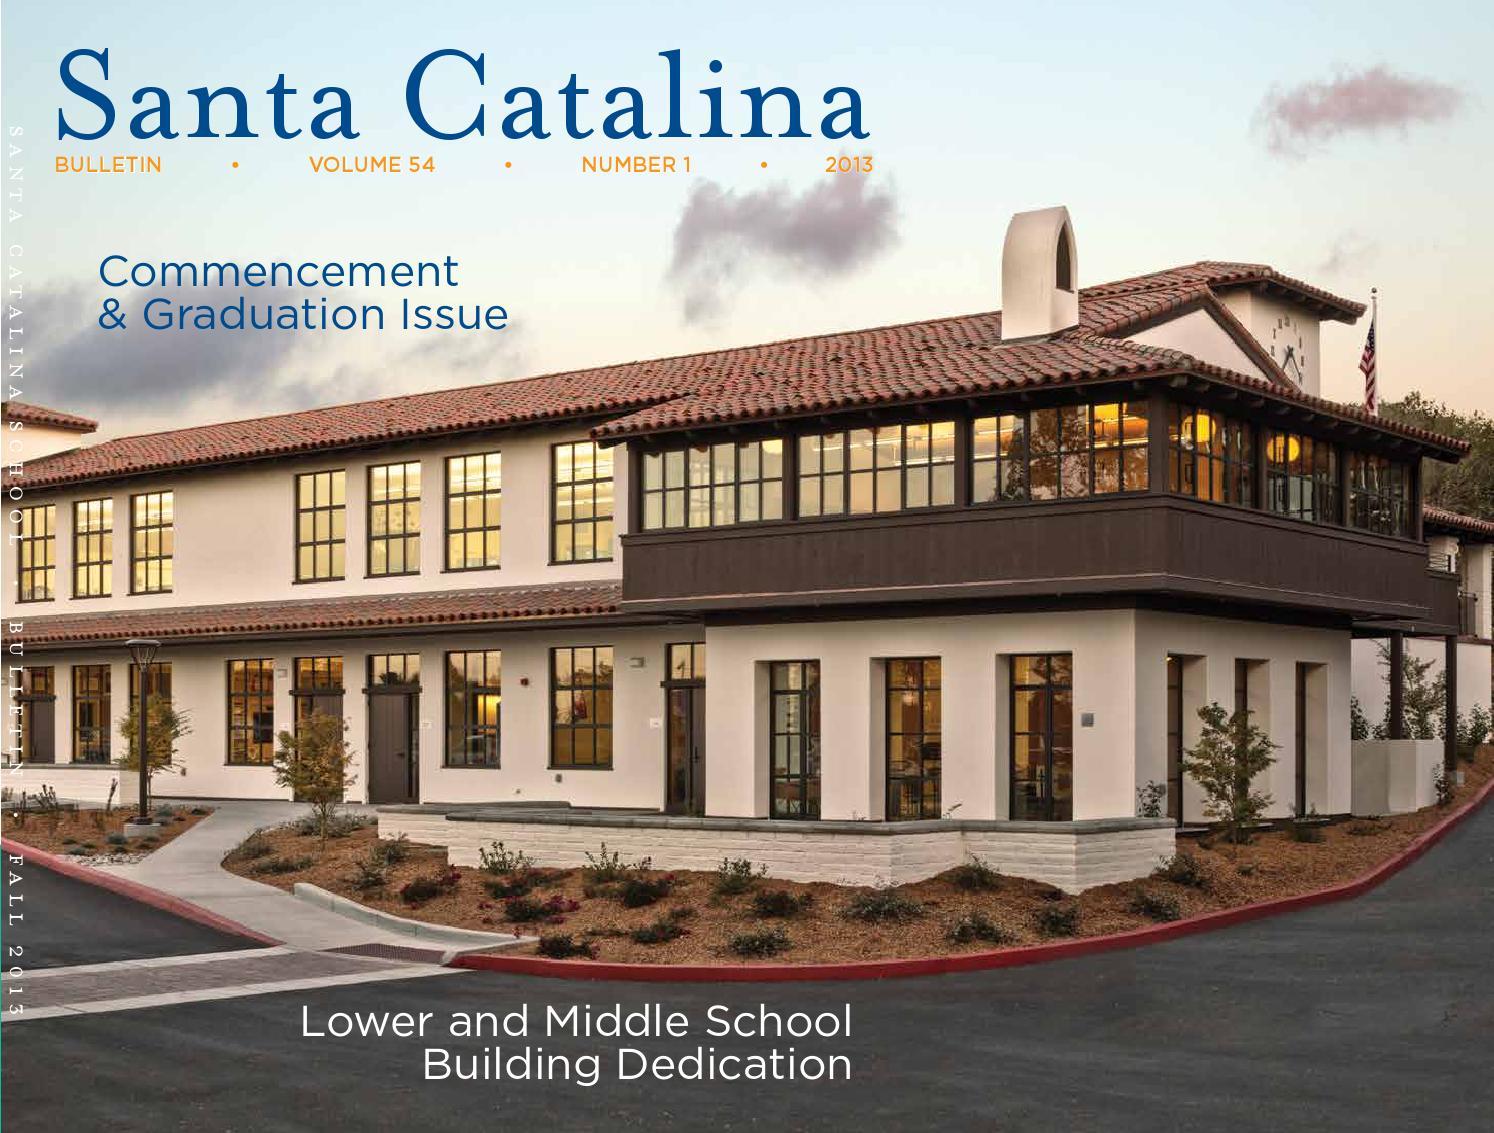 Santa Catalina School Fall Bulletin 2013 by santacatalina - issuu